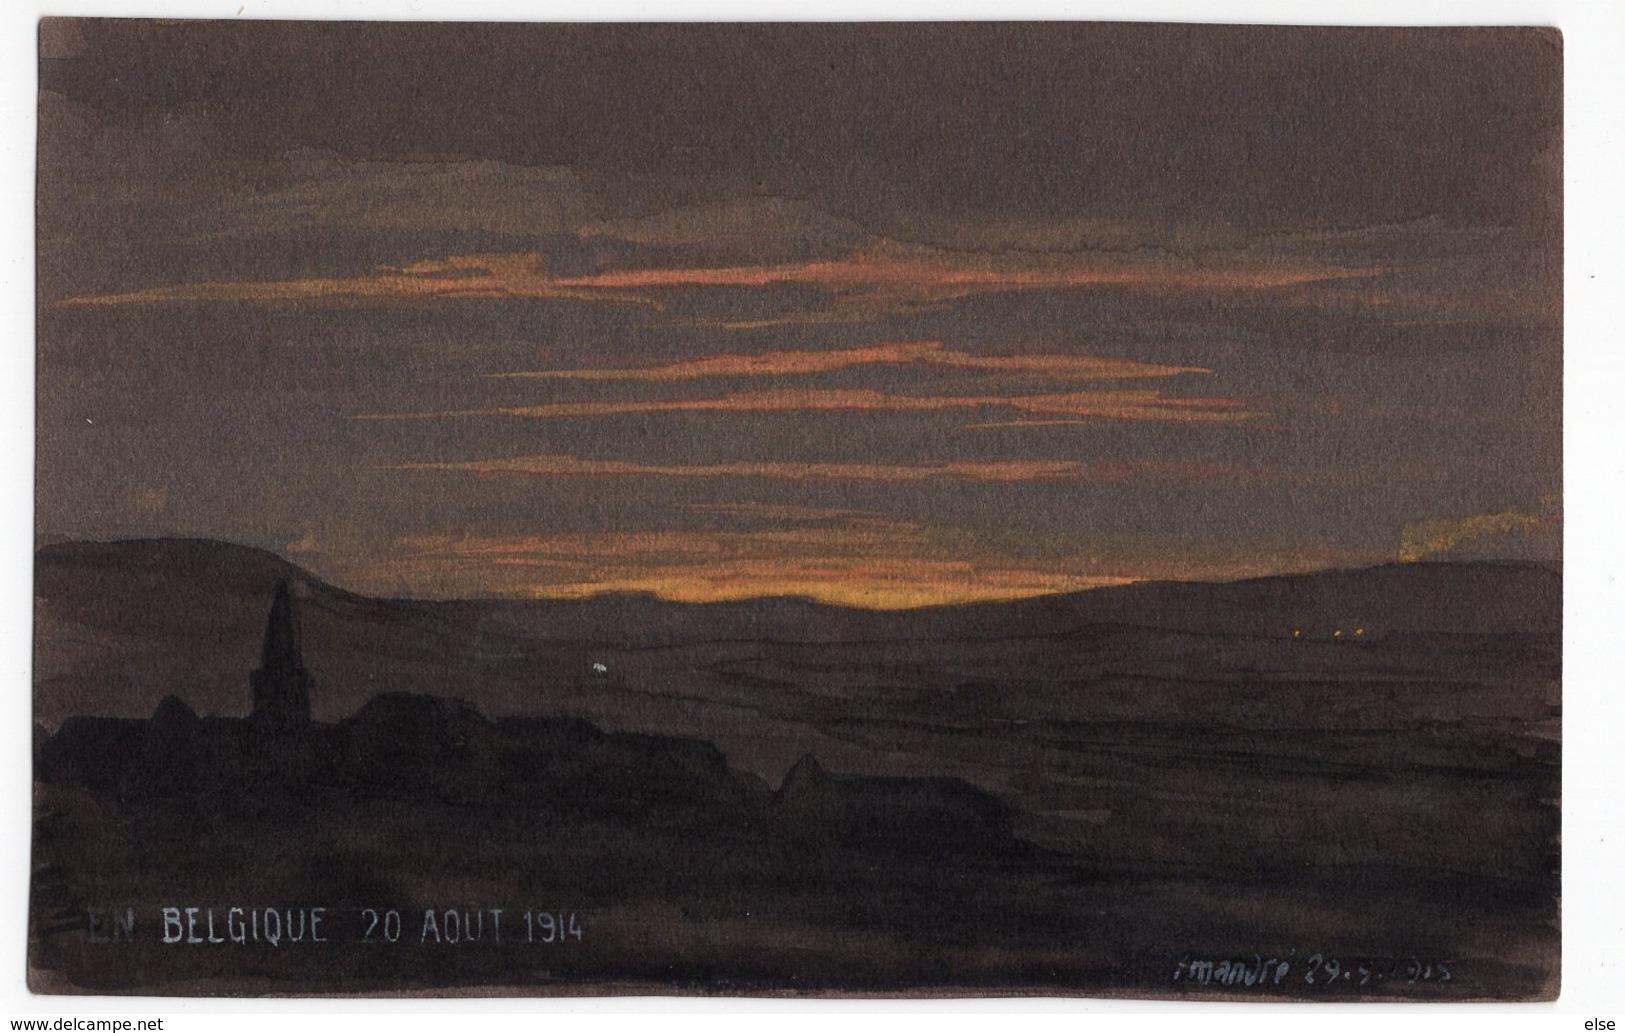 BELGIQUE 20 AOUT 1914  F  MANDRE  PASTEL - CRAIE SUR PAPIER A DESSIN FONCE1915 FORMAT CARTE POSTALE ANCIENNE - Pastel